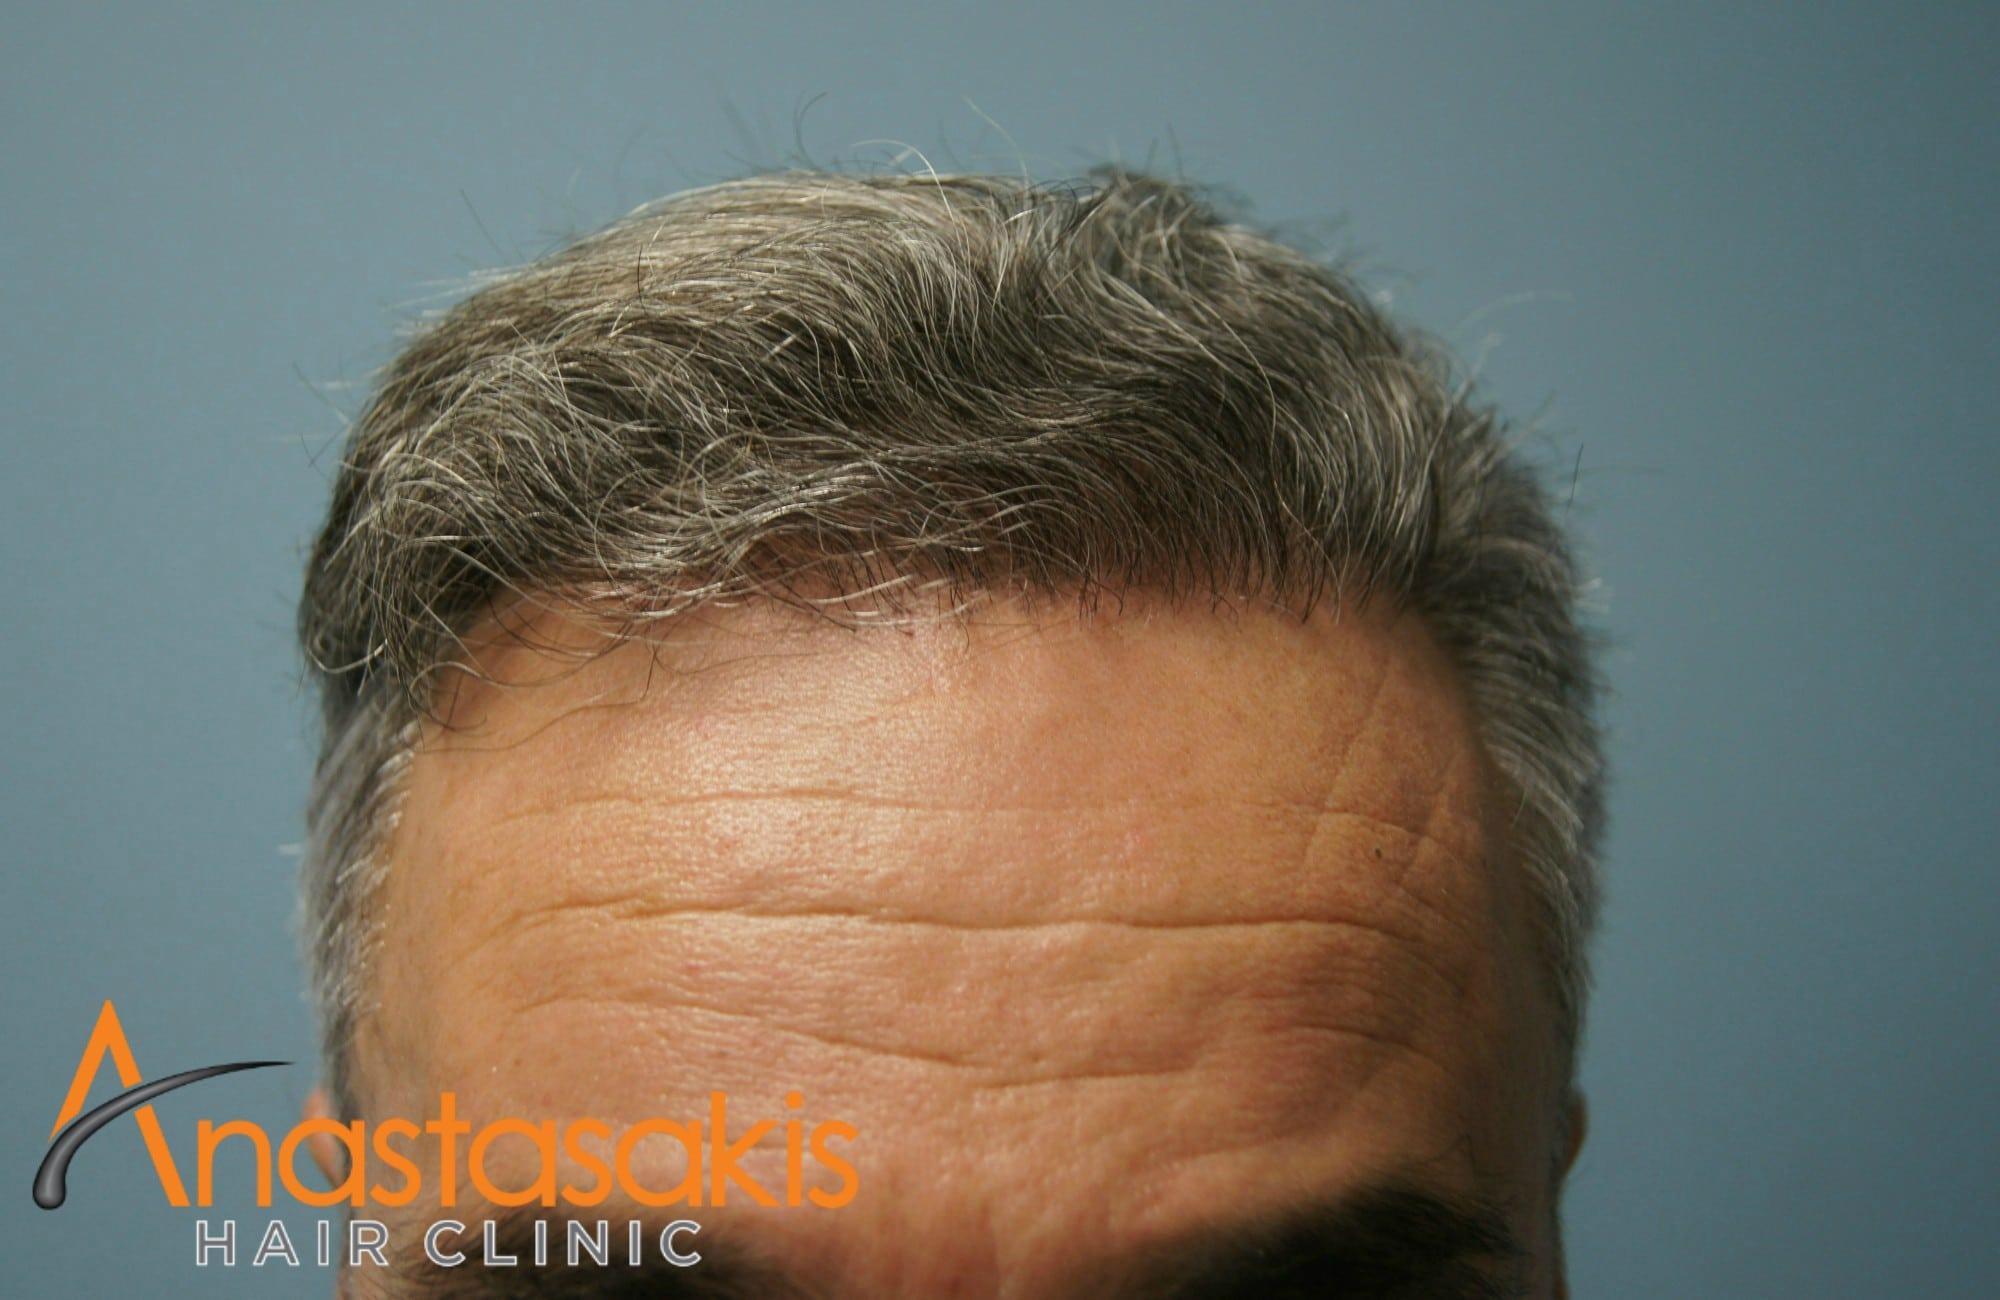 hairline ασθενους μετά τη μεταμόσχευσή μαλλιών με 3500 fus